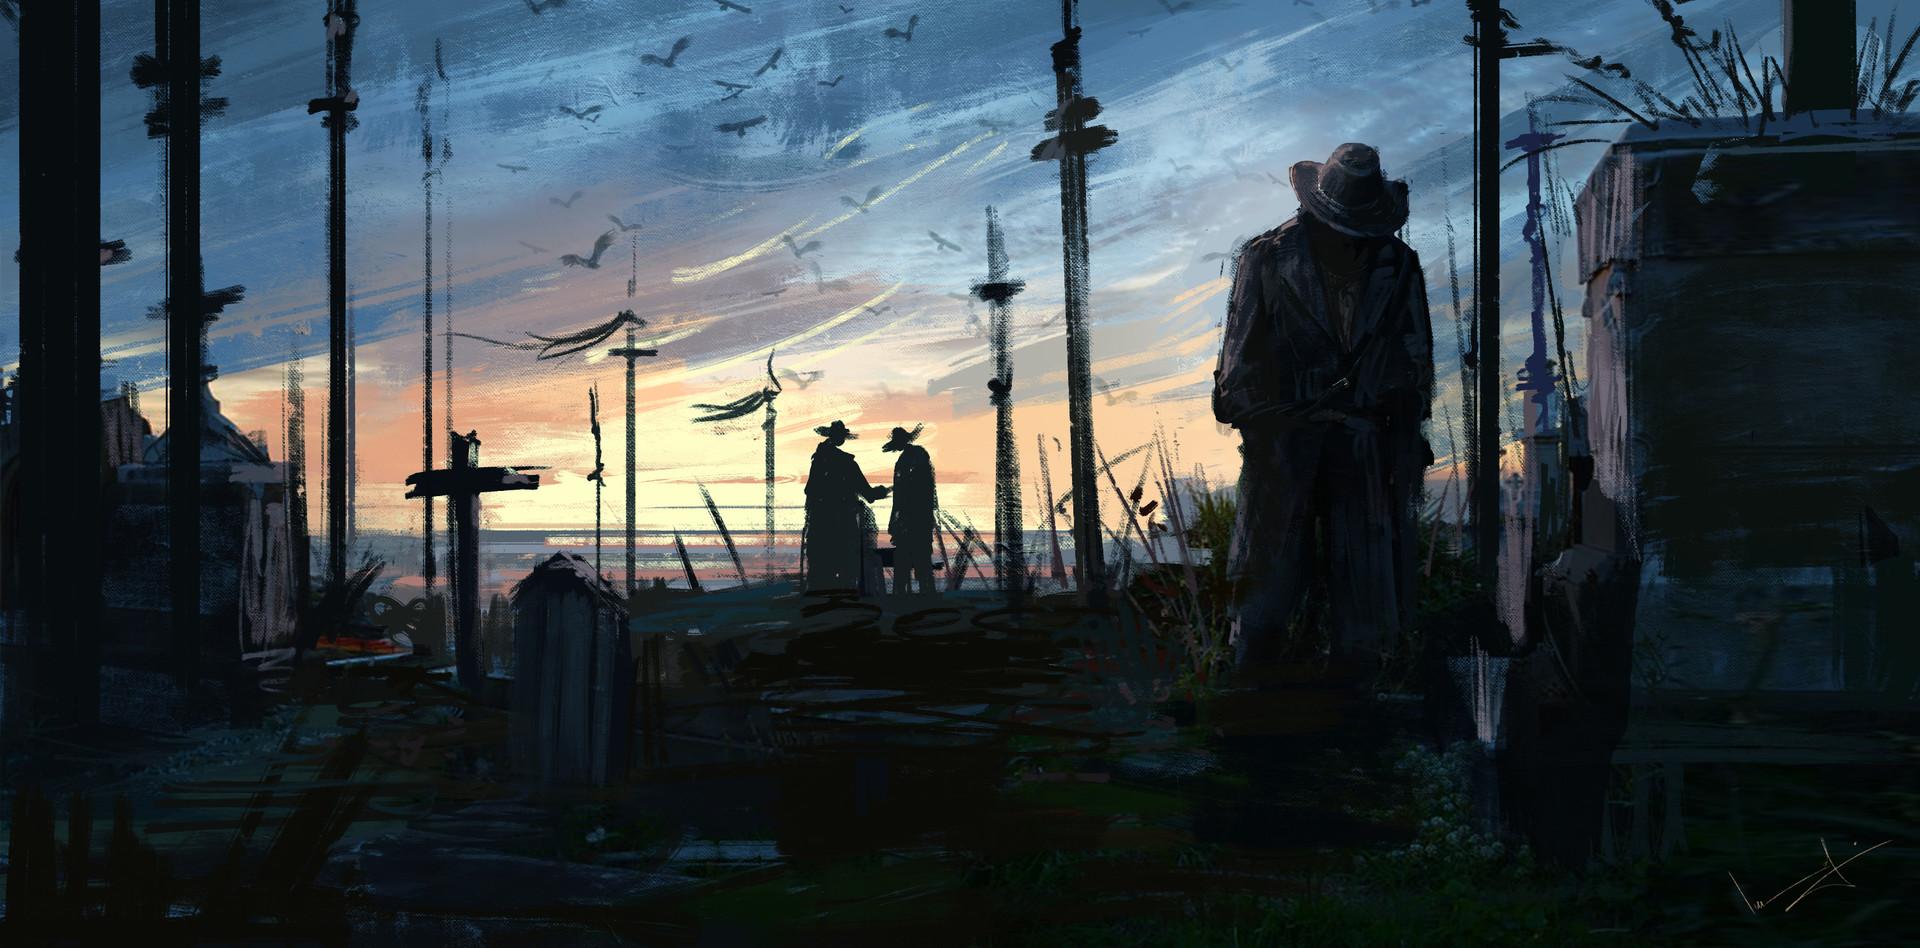 Imad ud din graveyard